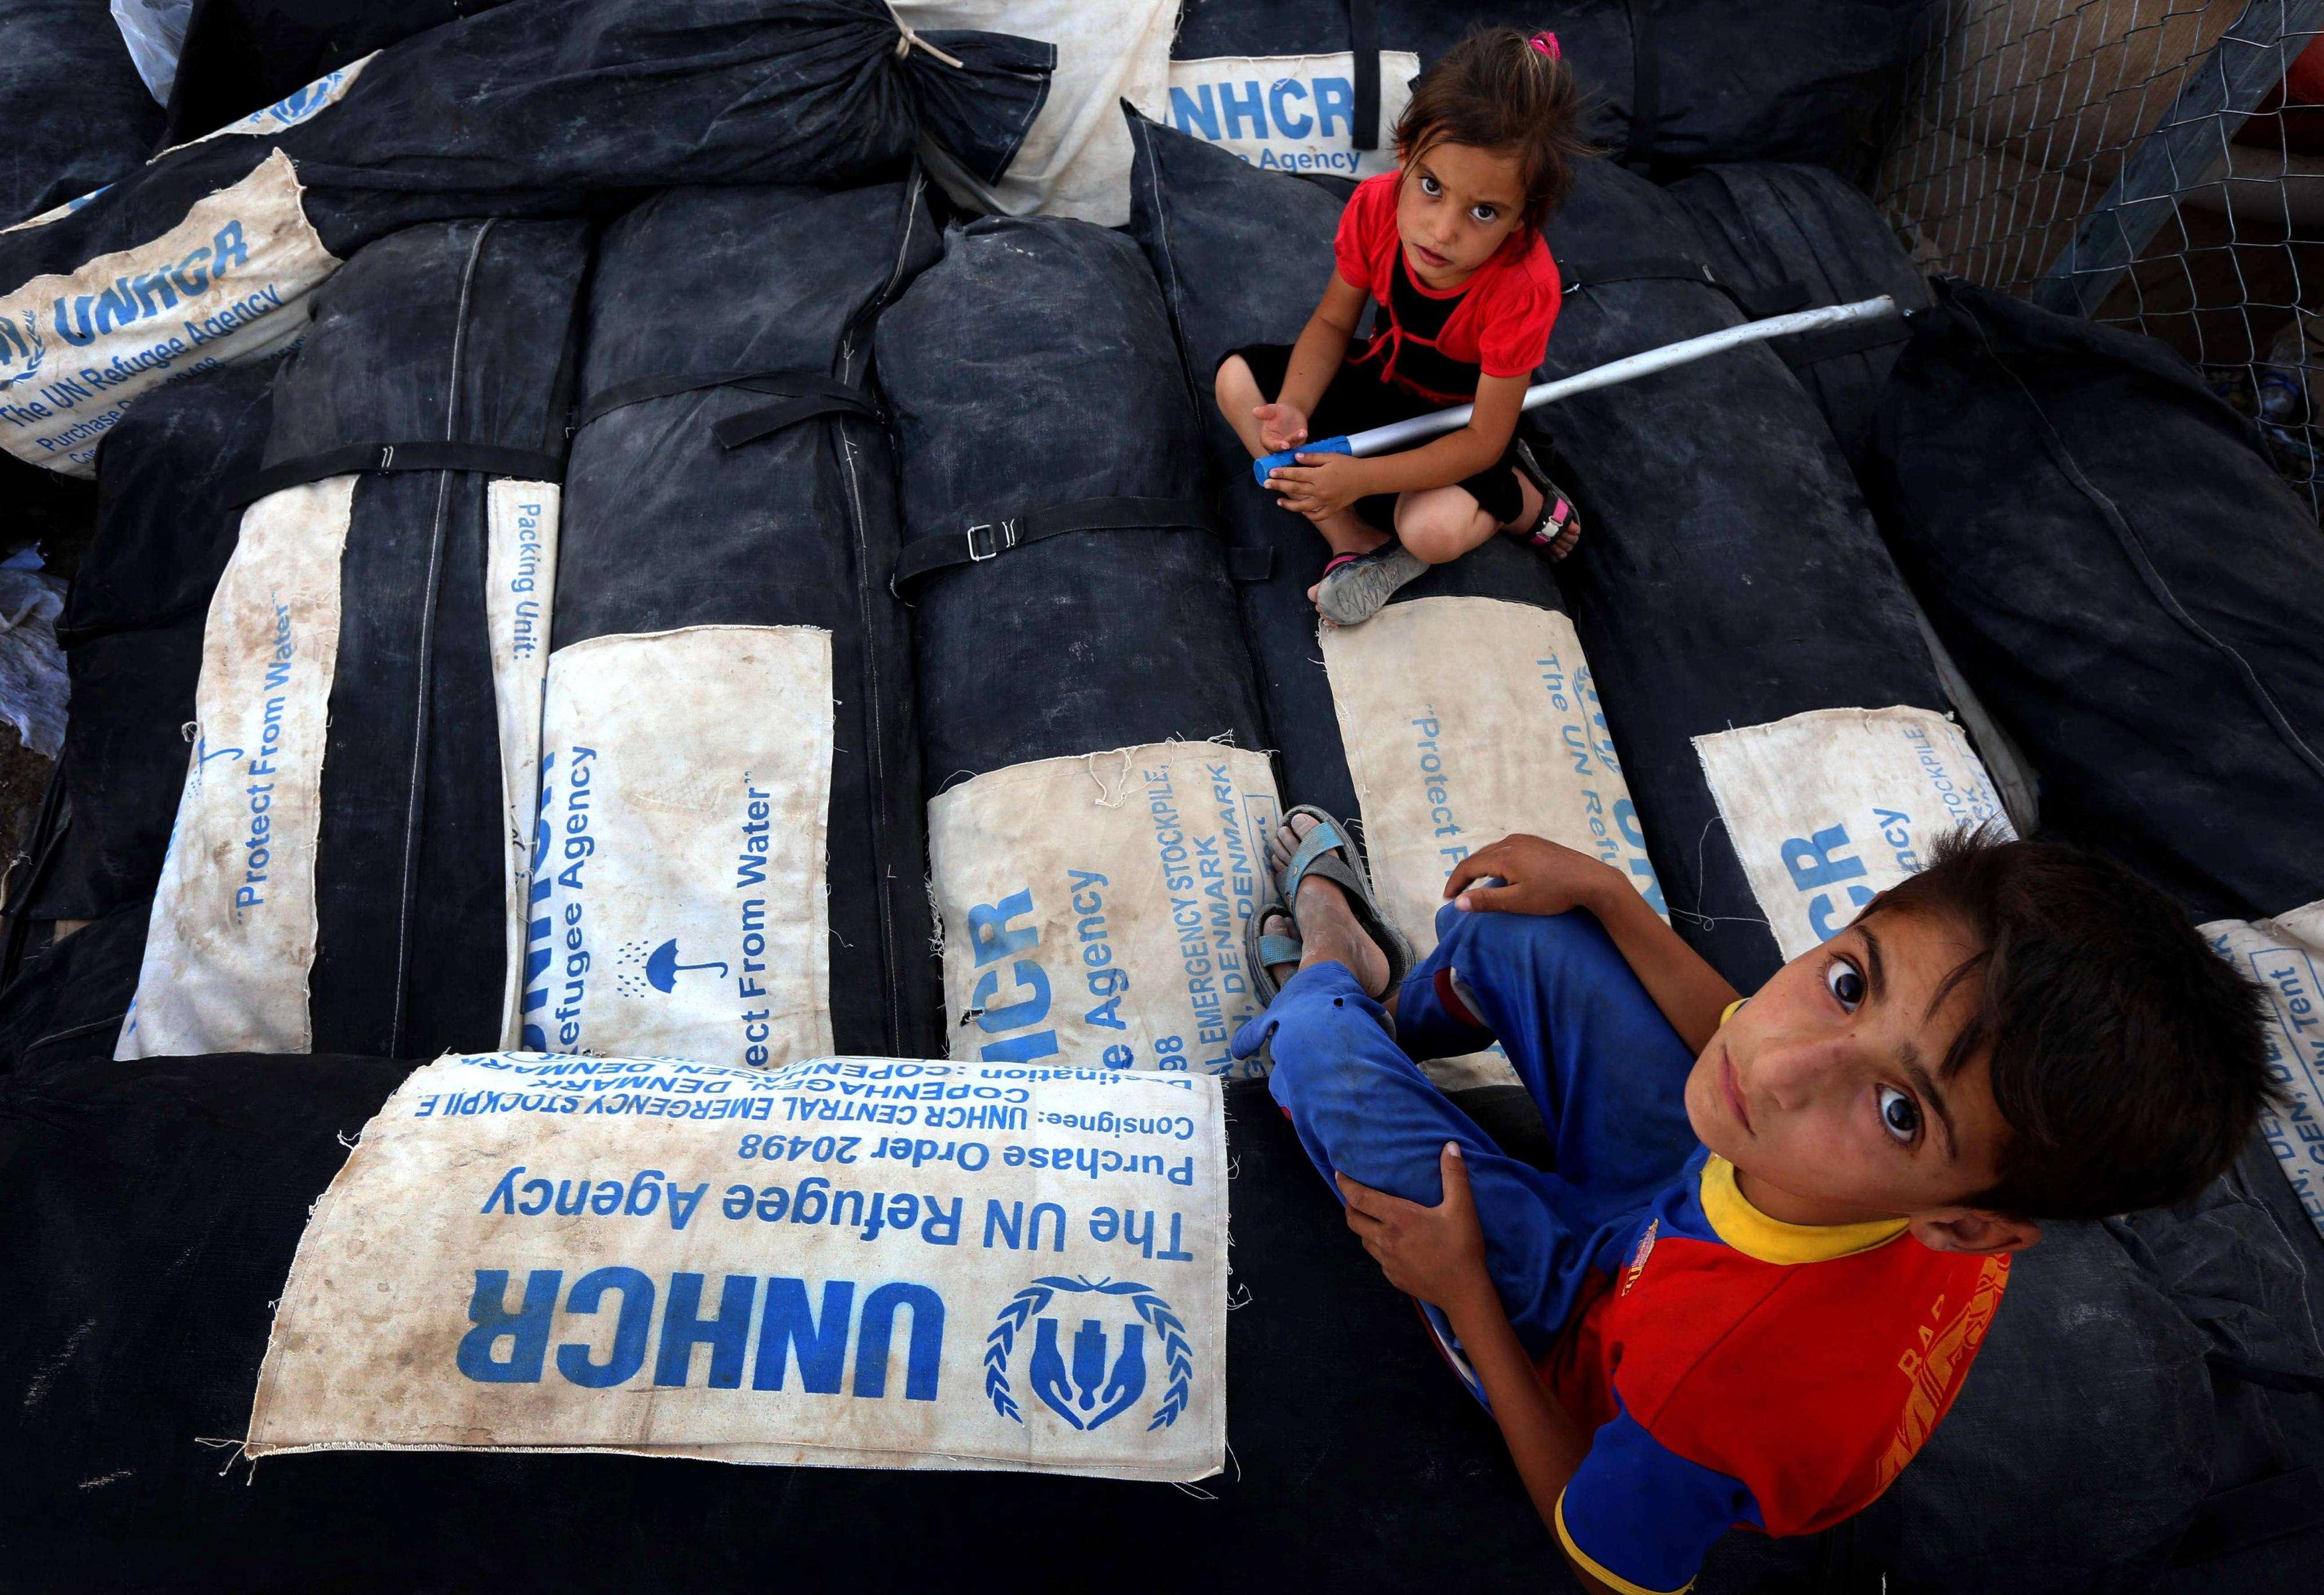 EE.UU. bombardea a Irak mientras lanza ayuda humanitaria